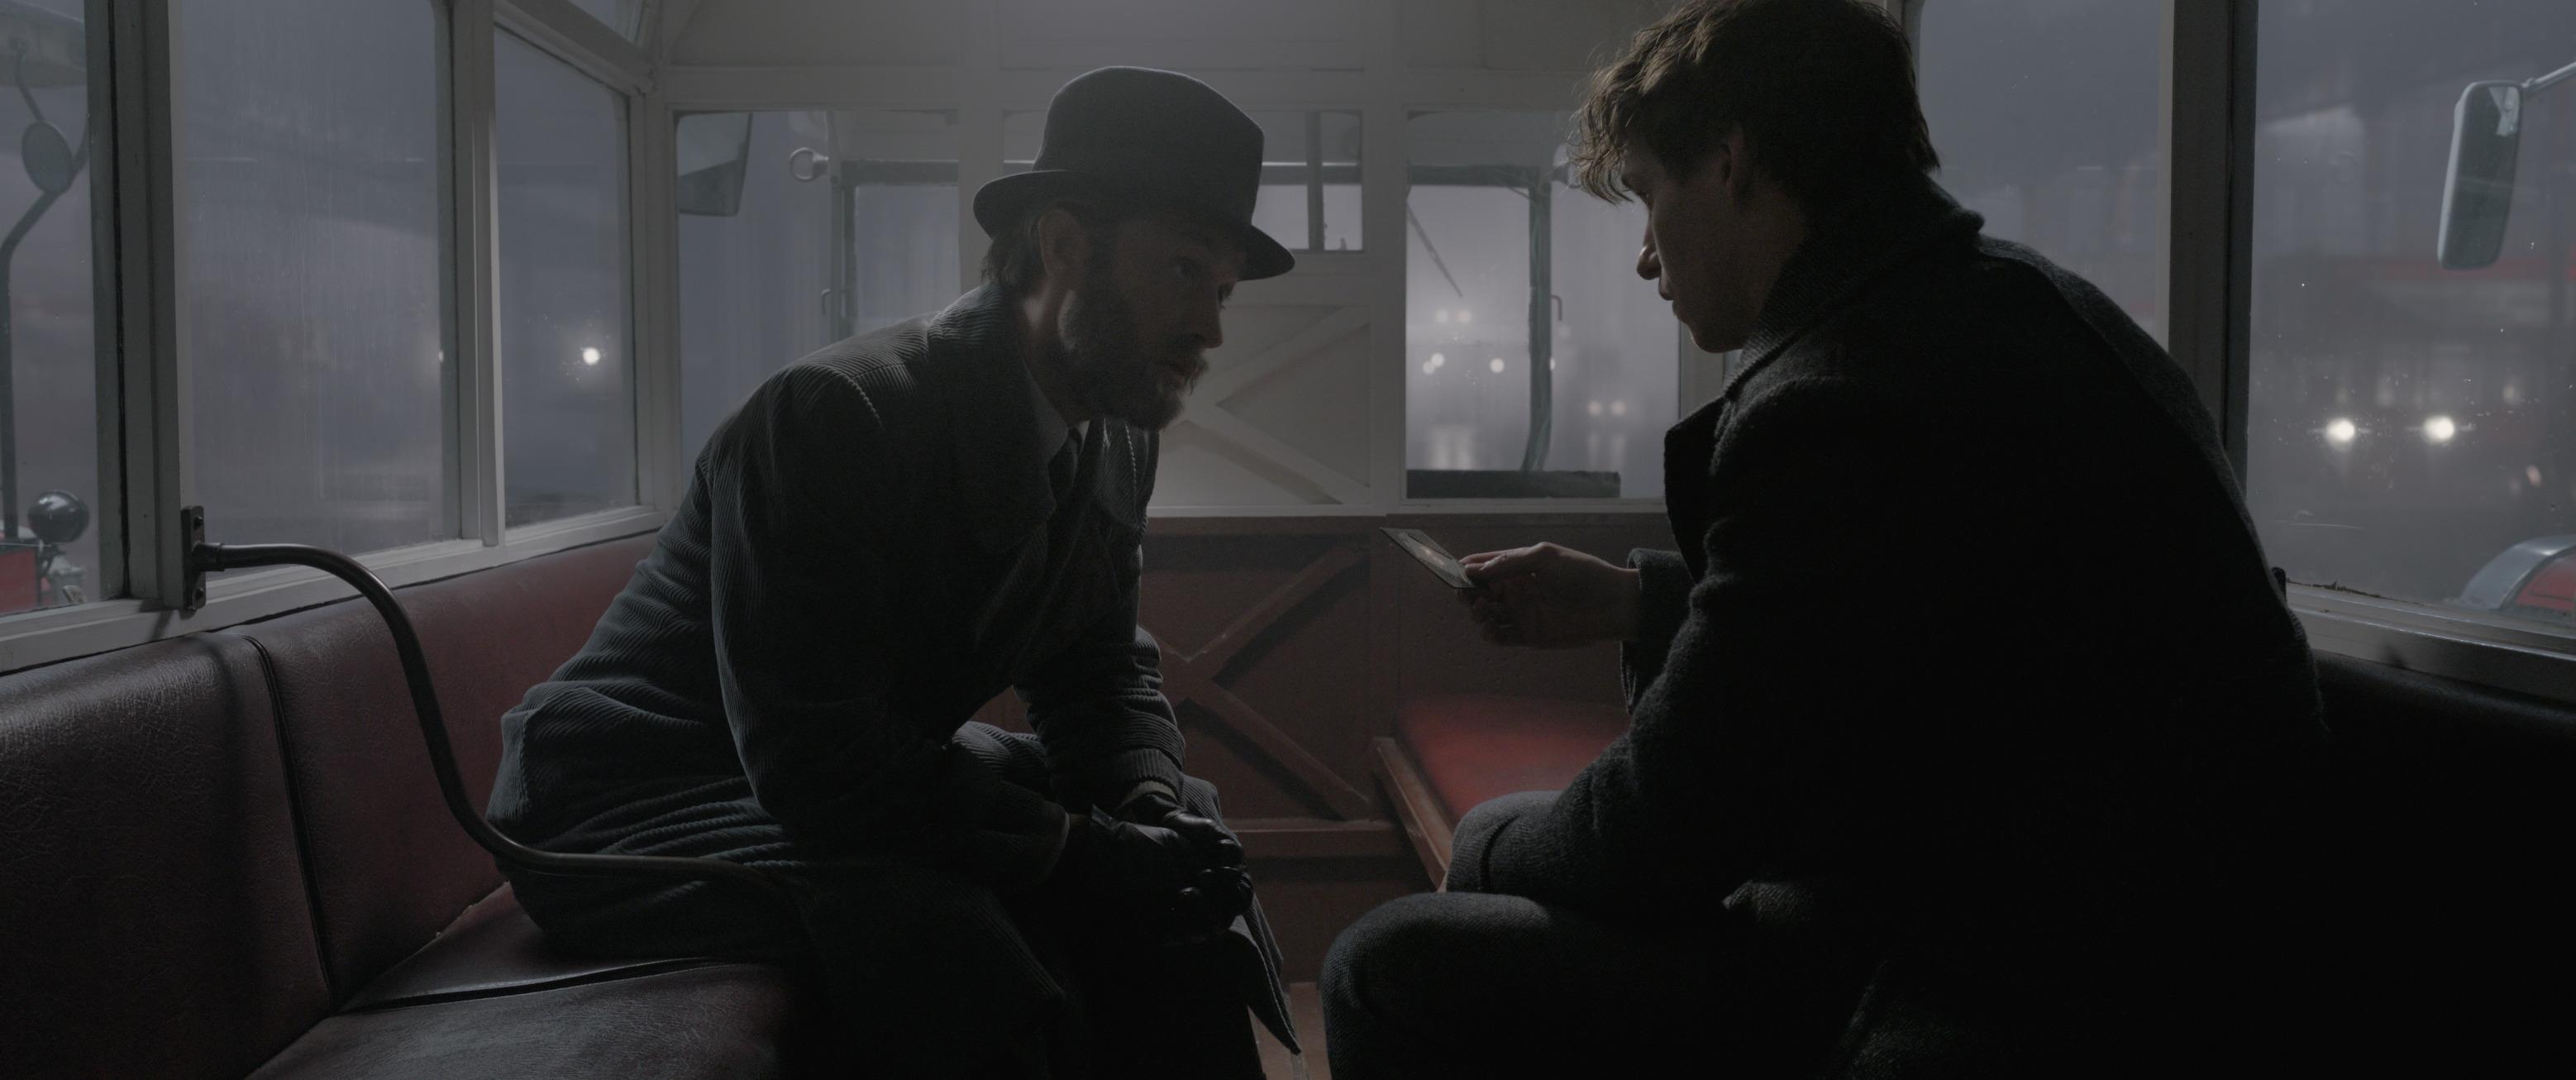 Albus Dumbledore and Newt Scamander